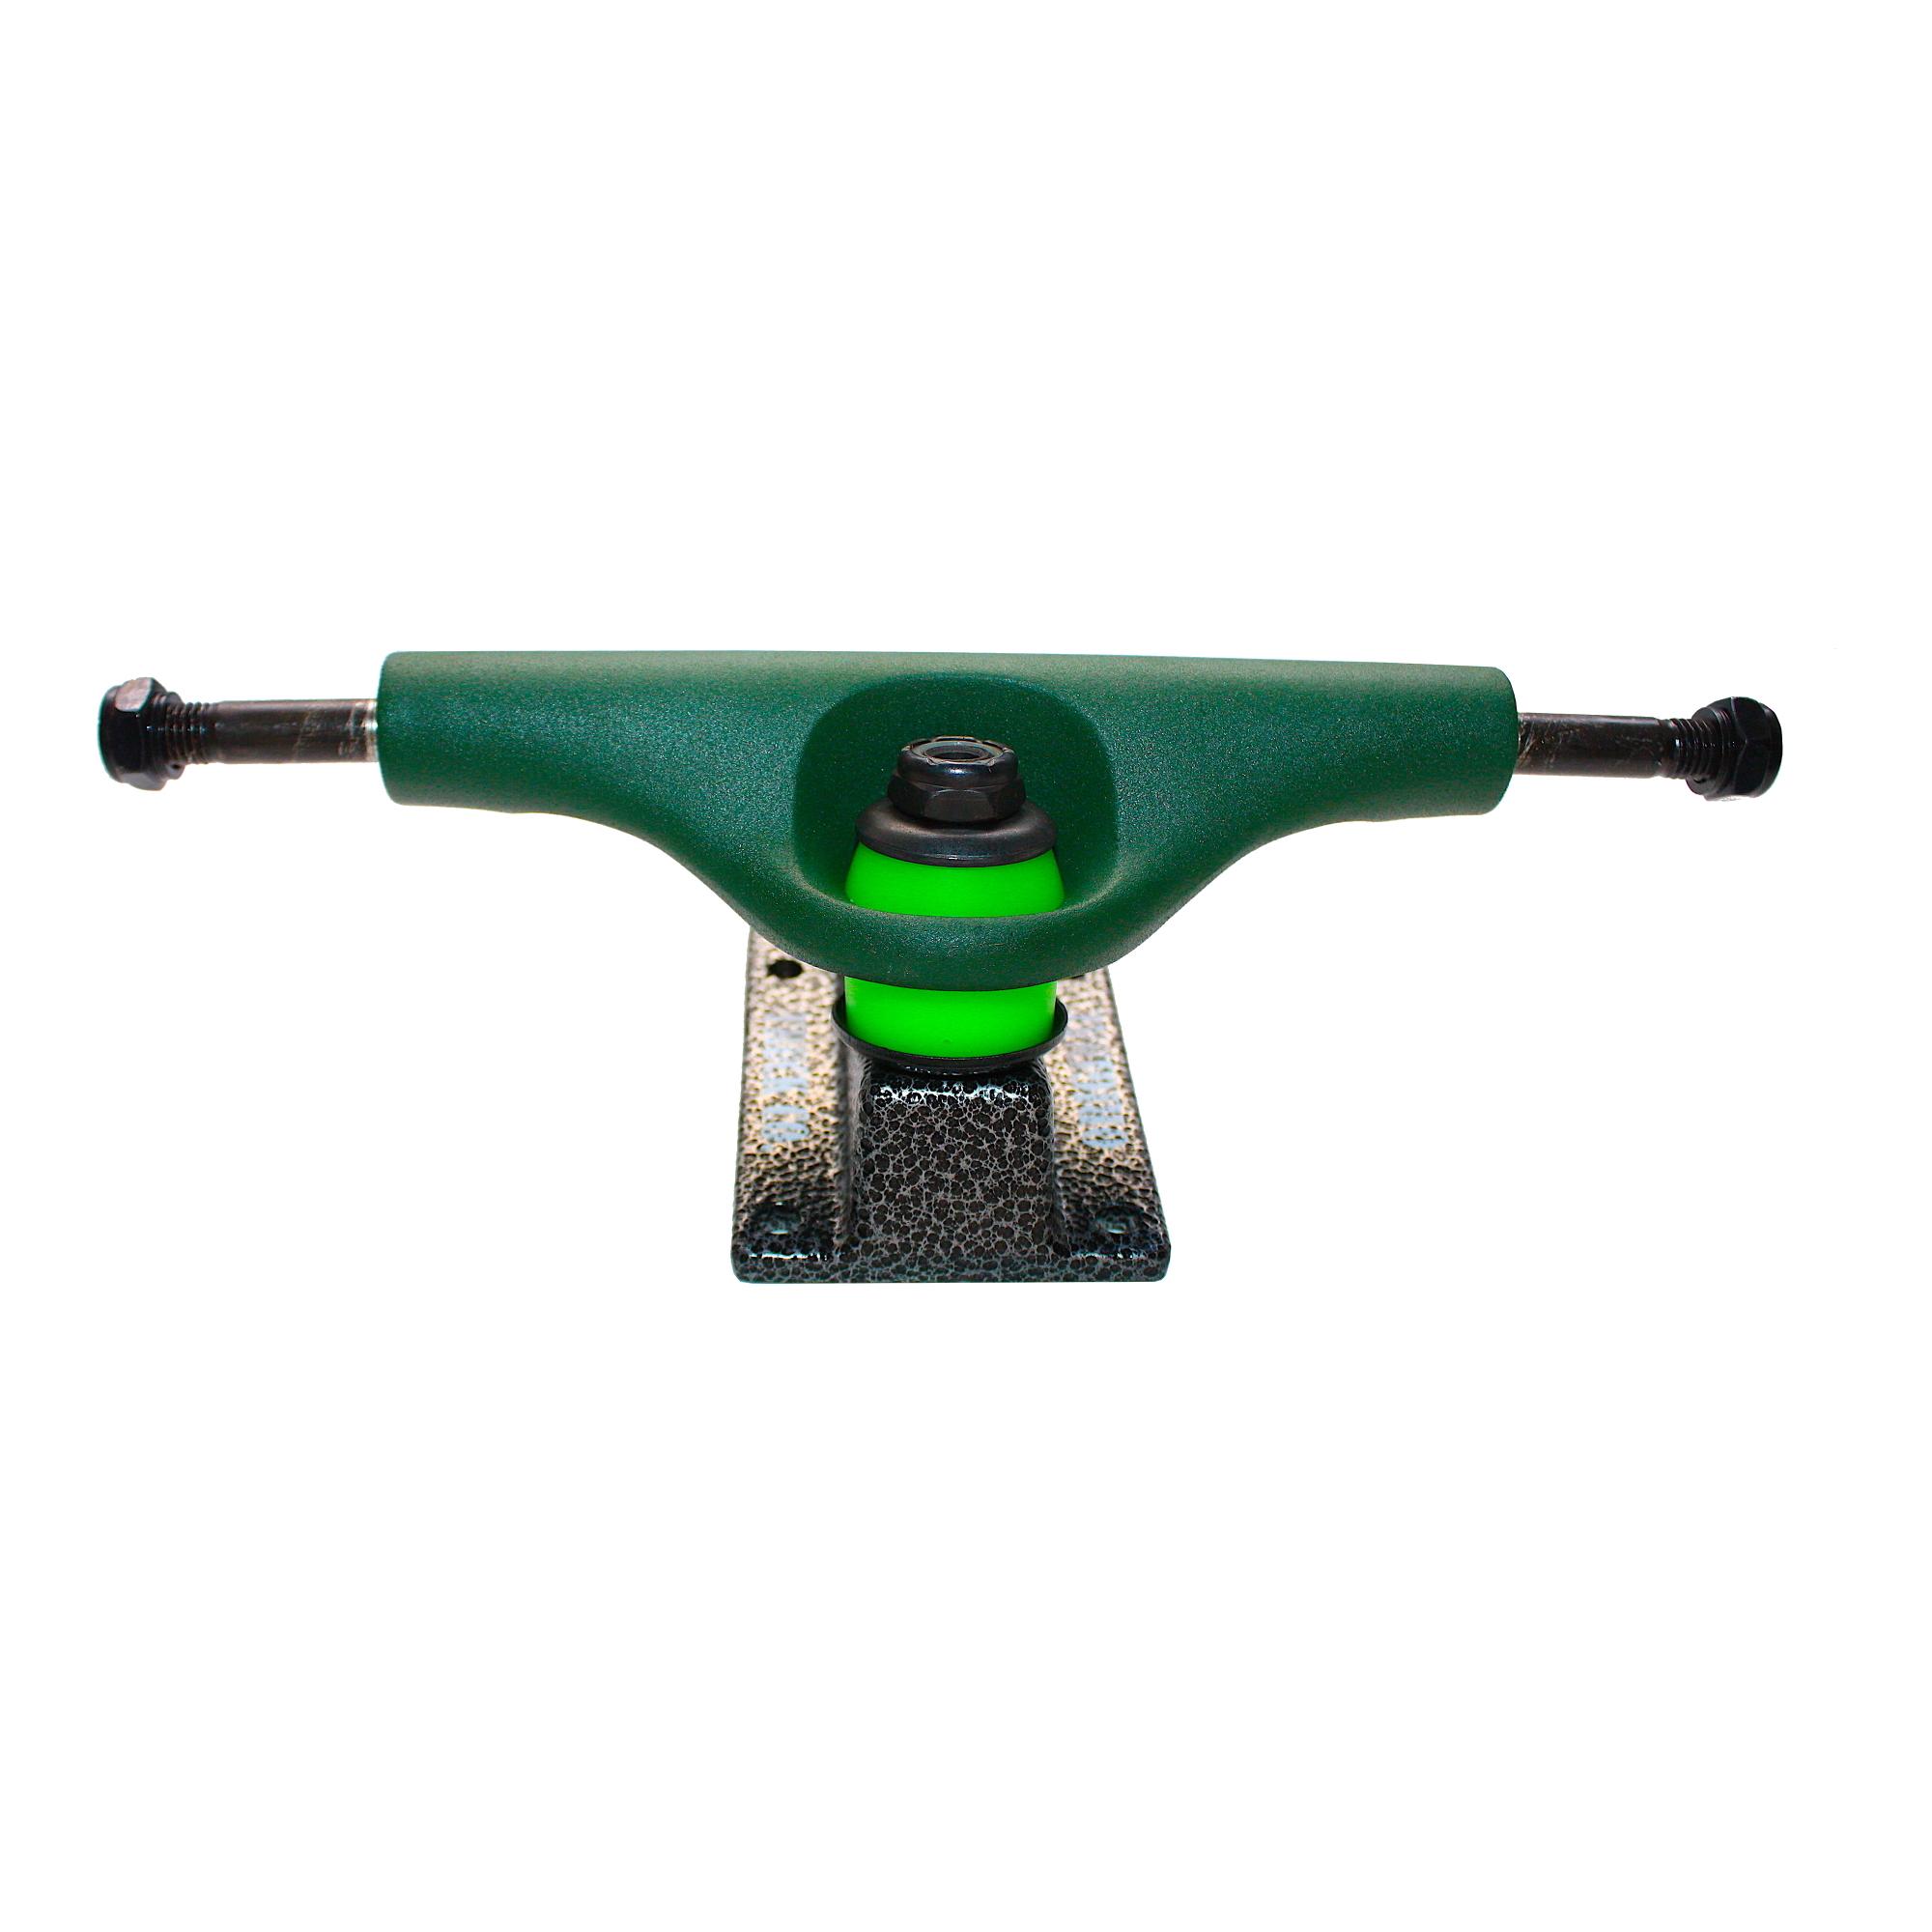 Подвески для скейта ORIGINAL TRUCKS CO. (Green)